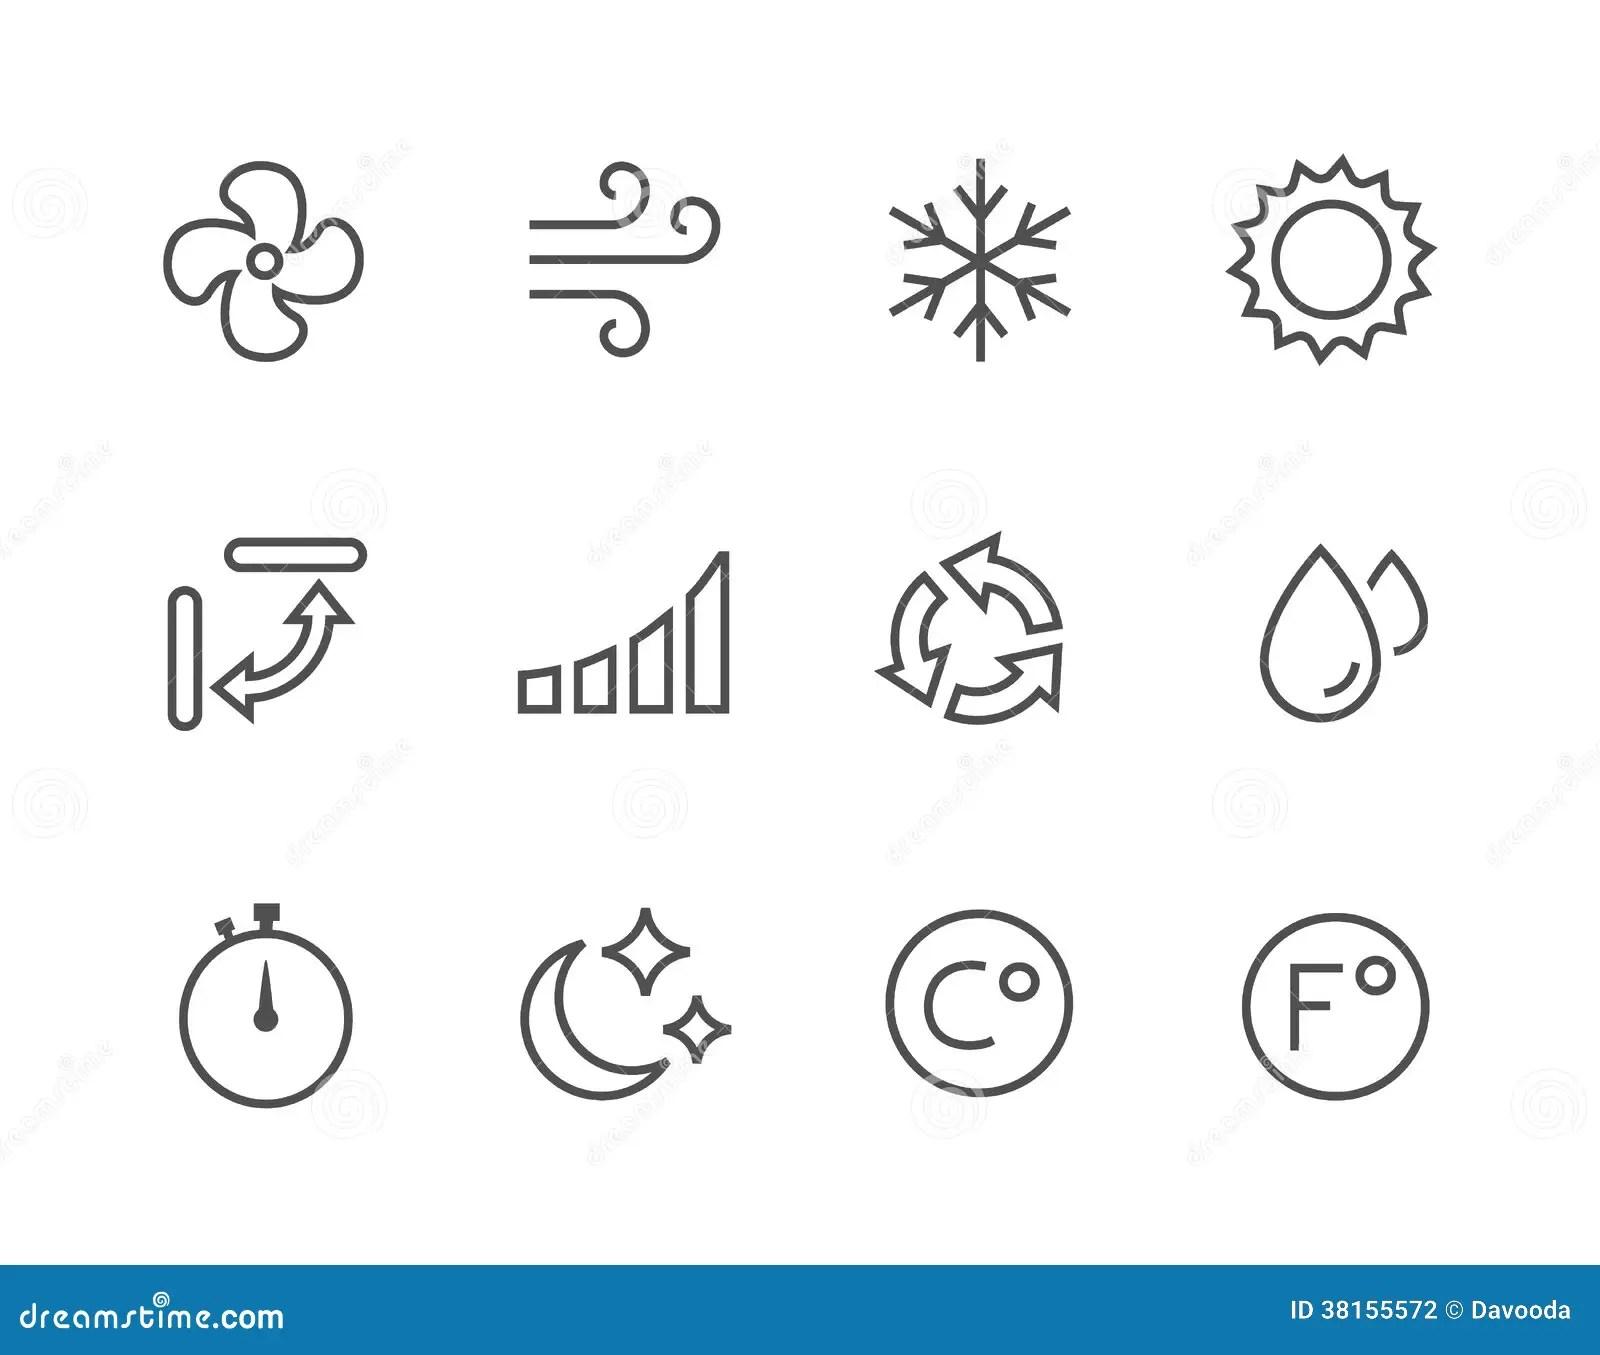 Iconos Del Aire Acondicionado Del Thinline Fotografia De